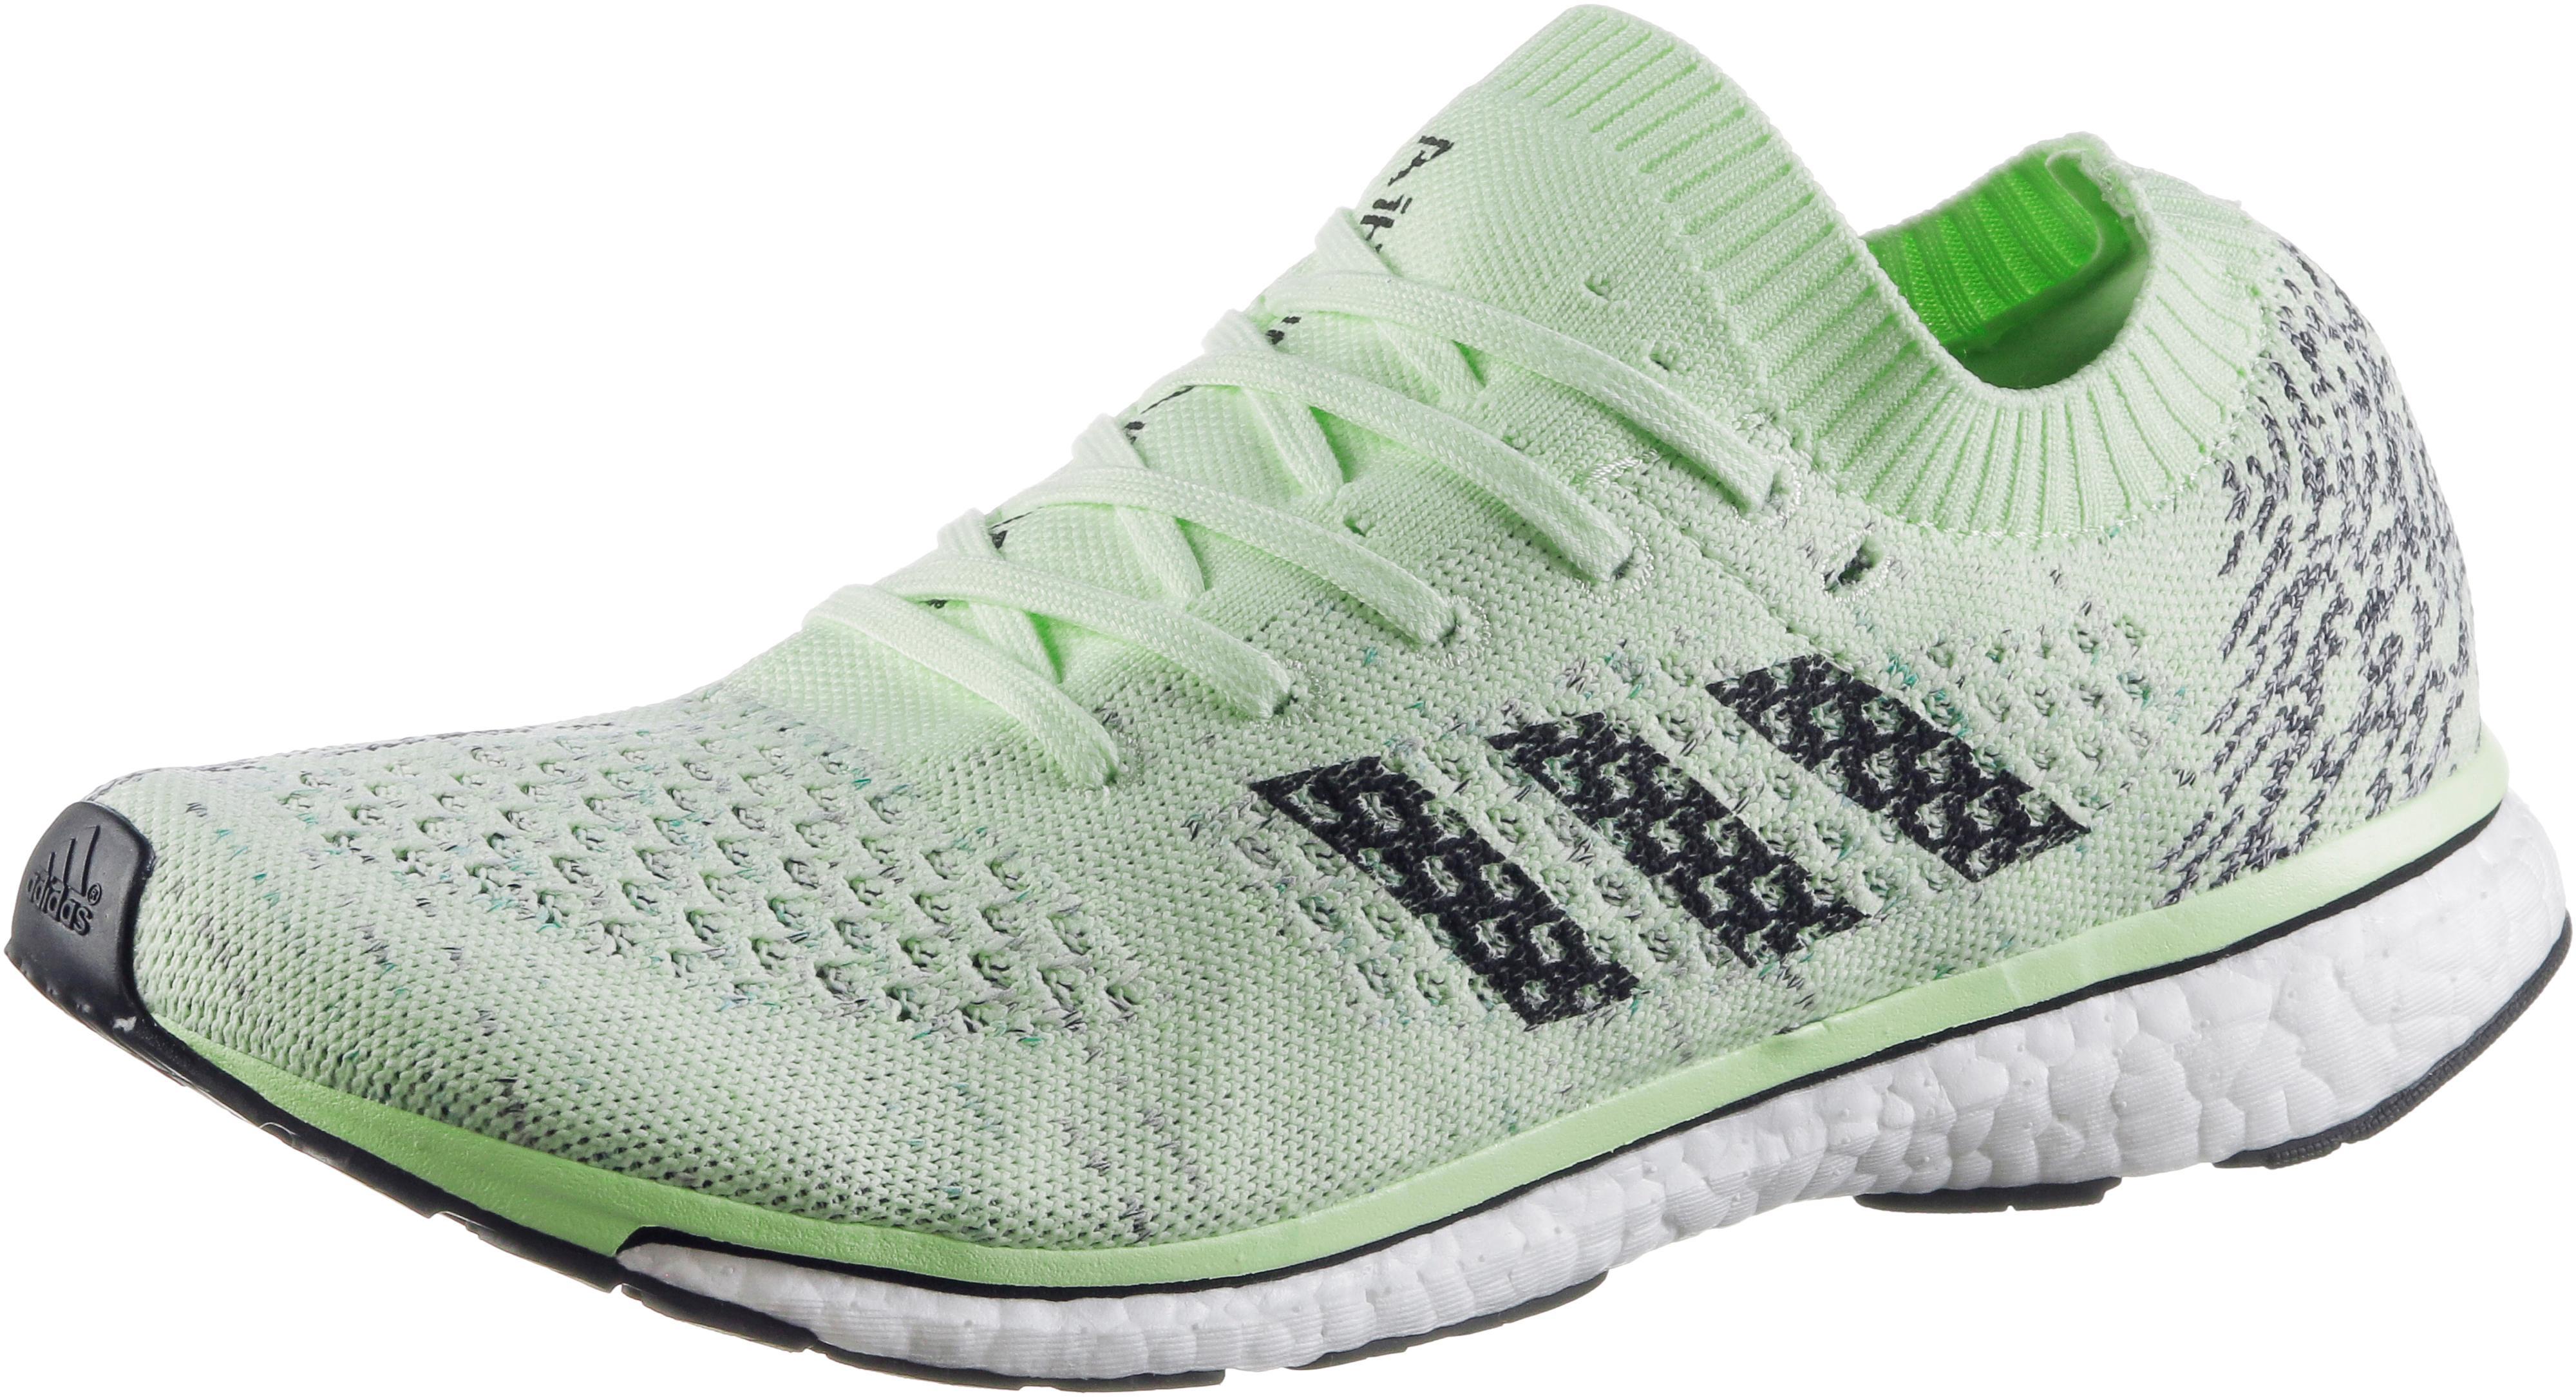 san francisco b014d a27ce Adidas adizero prime LTD Laufschuhe Herren aero-Grün im Online Shop kaufen  von SportScheck kaufen Shop Gute Qualität beliebte Schuhe 091eb8